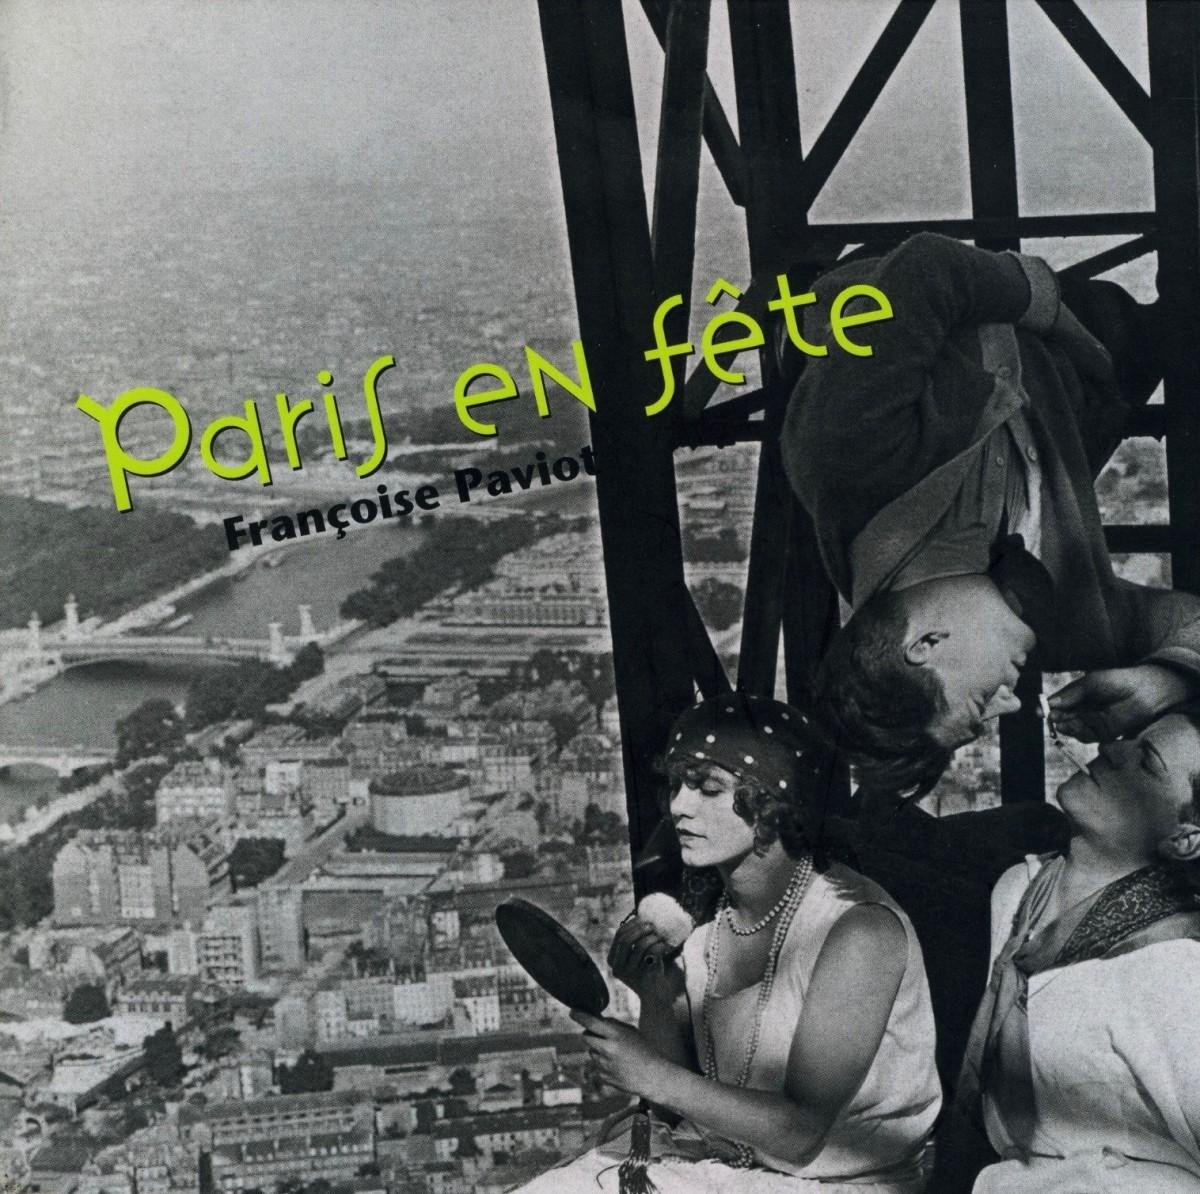 paris-en-fete_francoise-paviot